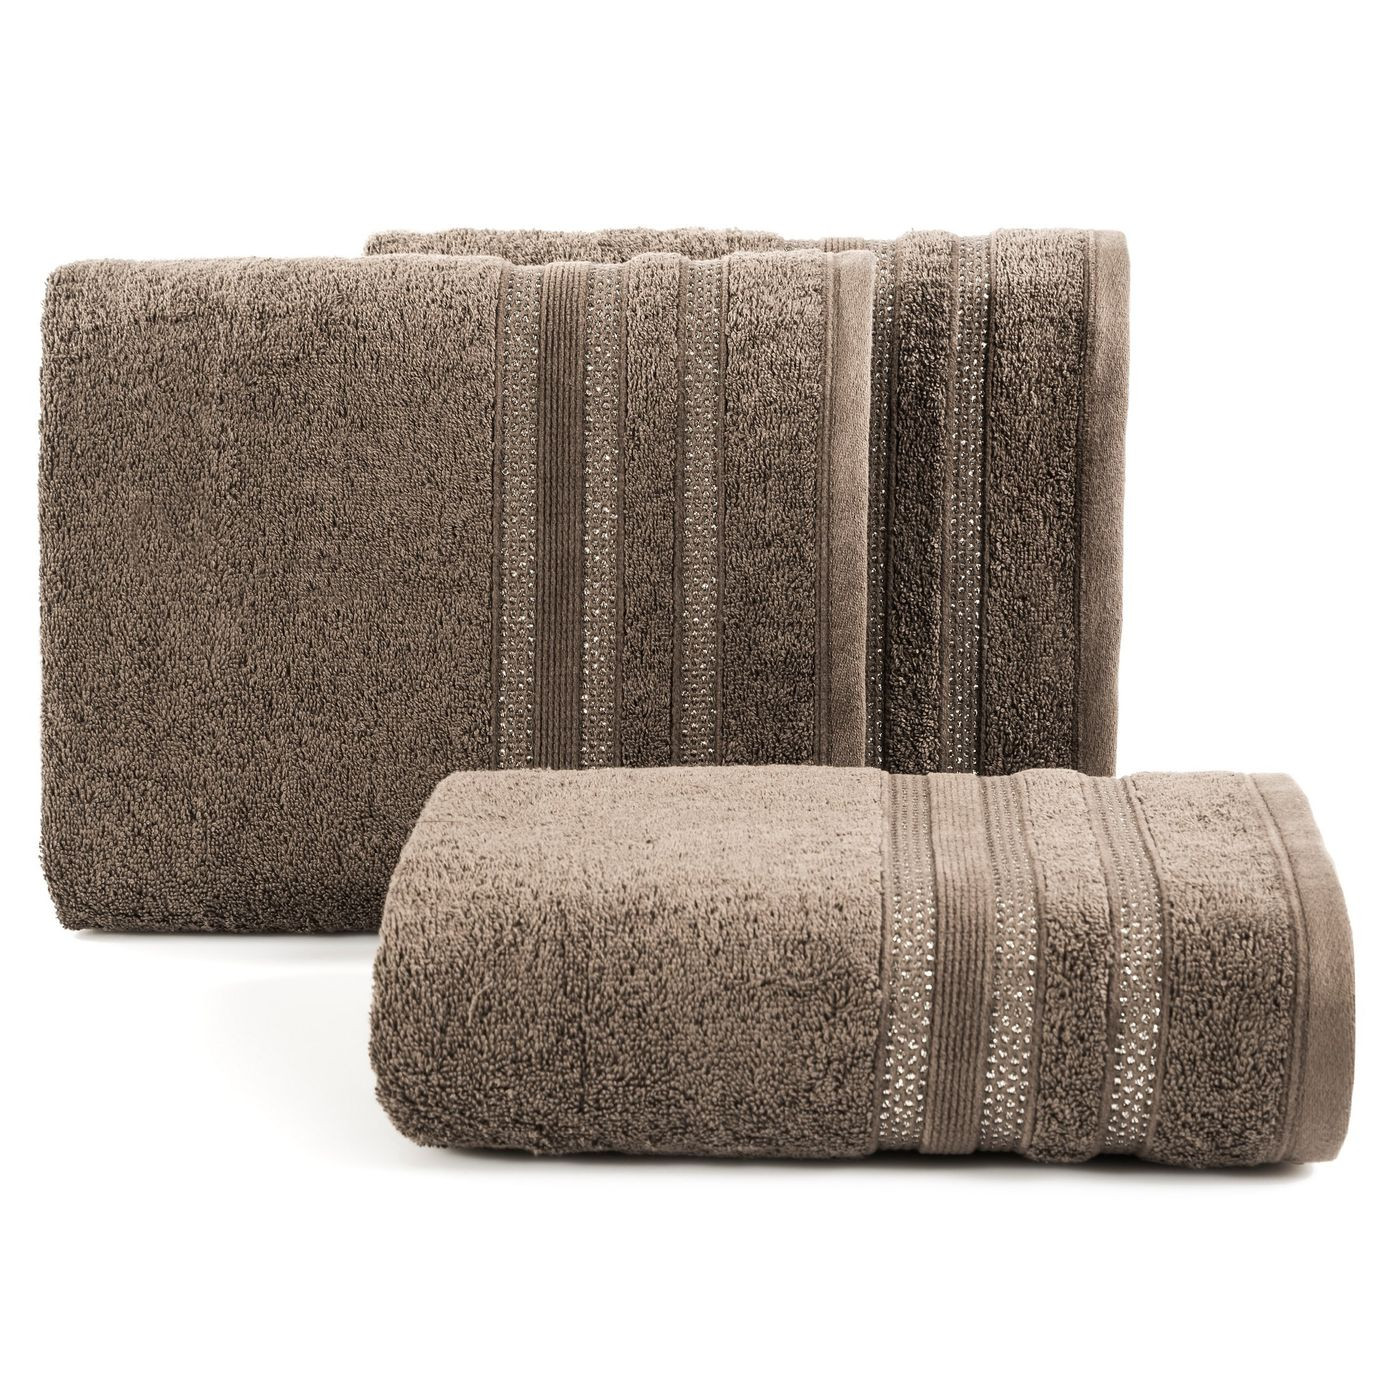 Ręcznik z bawełny zdobiony błyszczącą nitką 70x140 cm brązowy